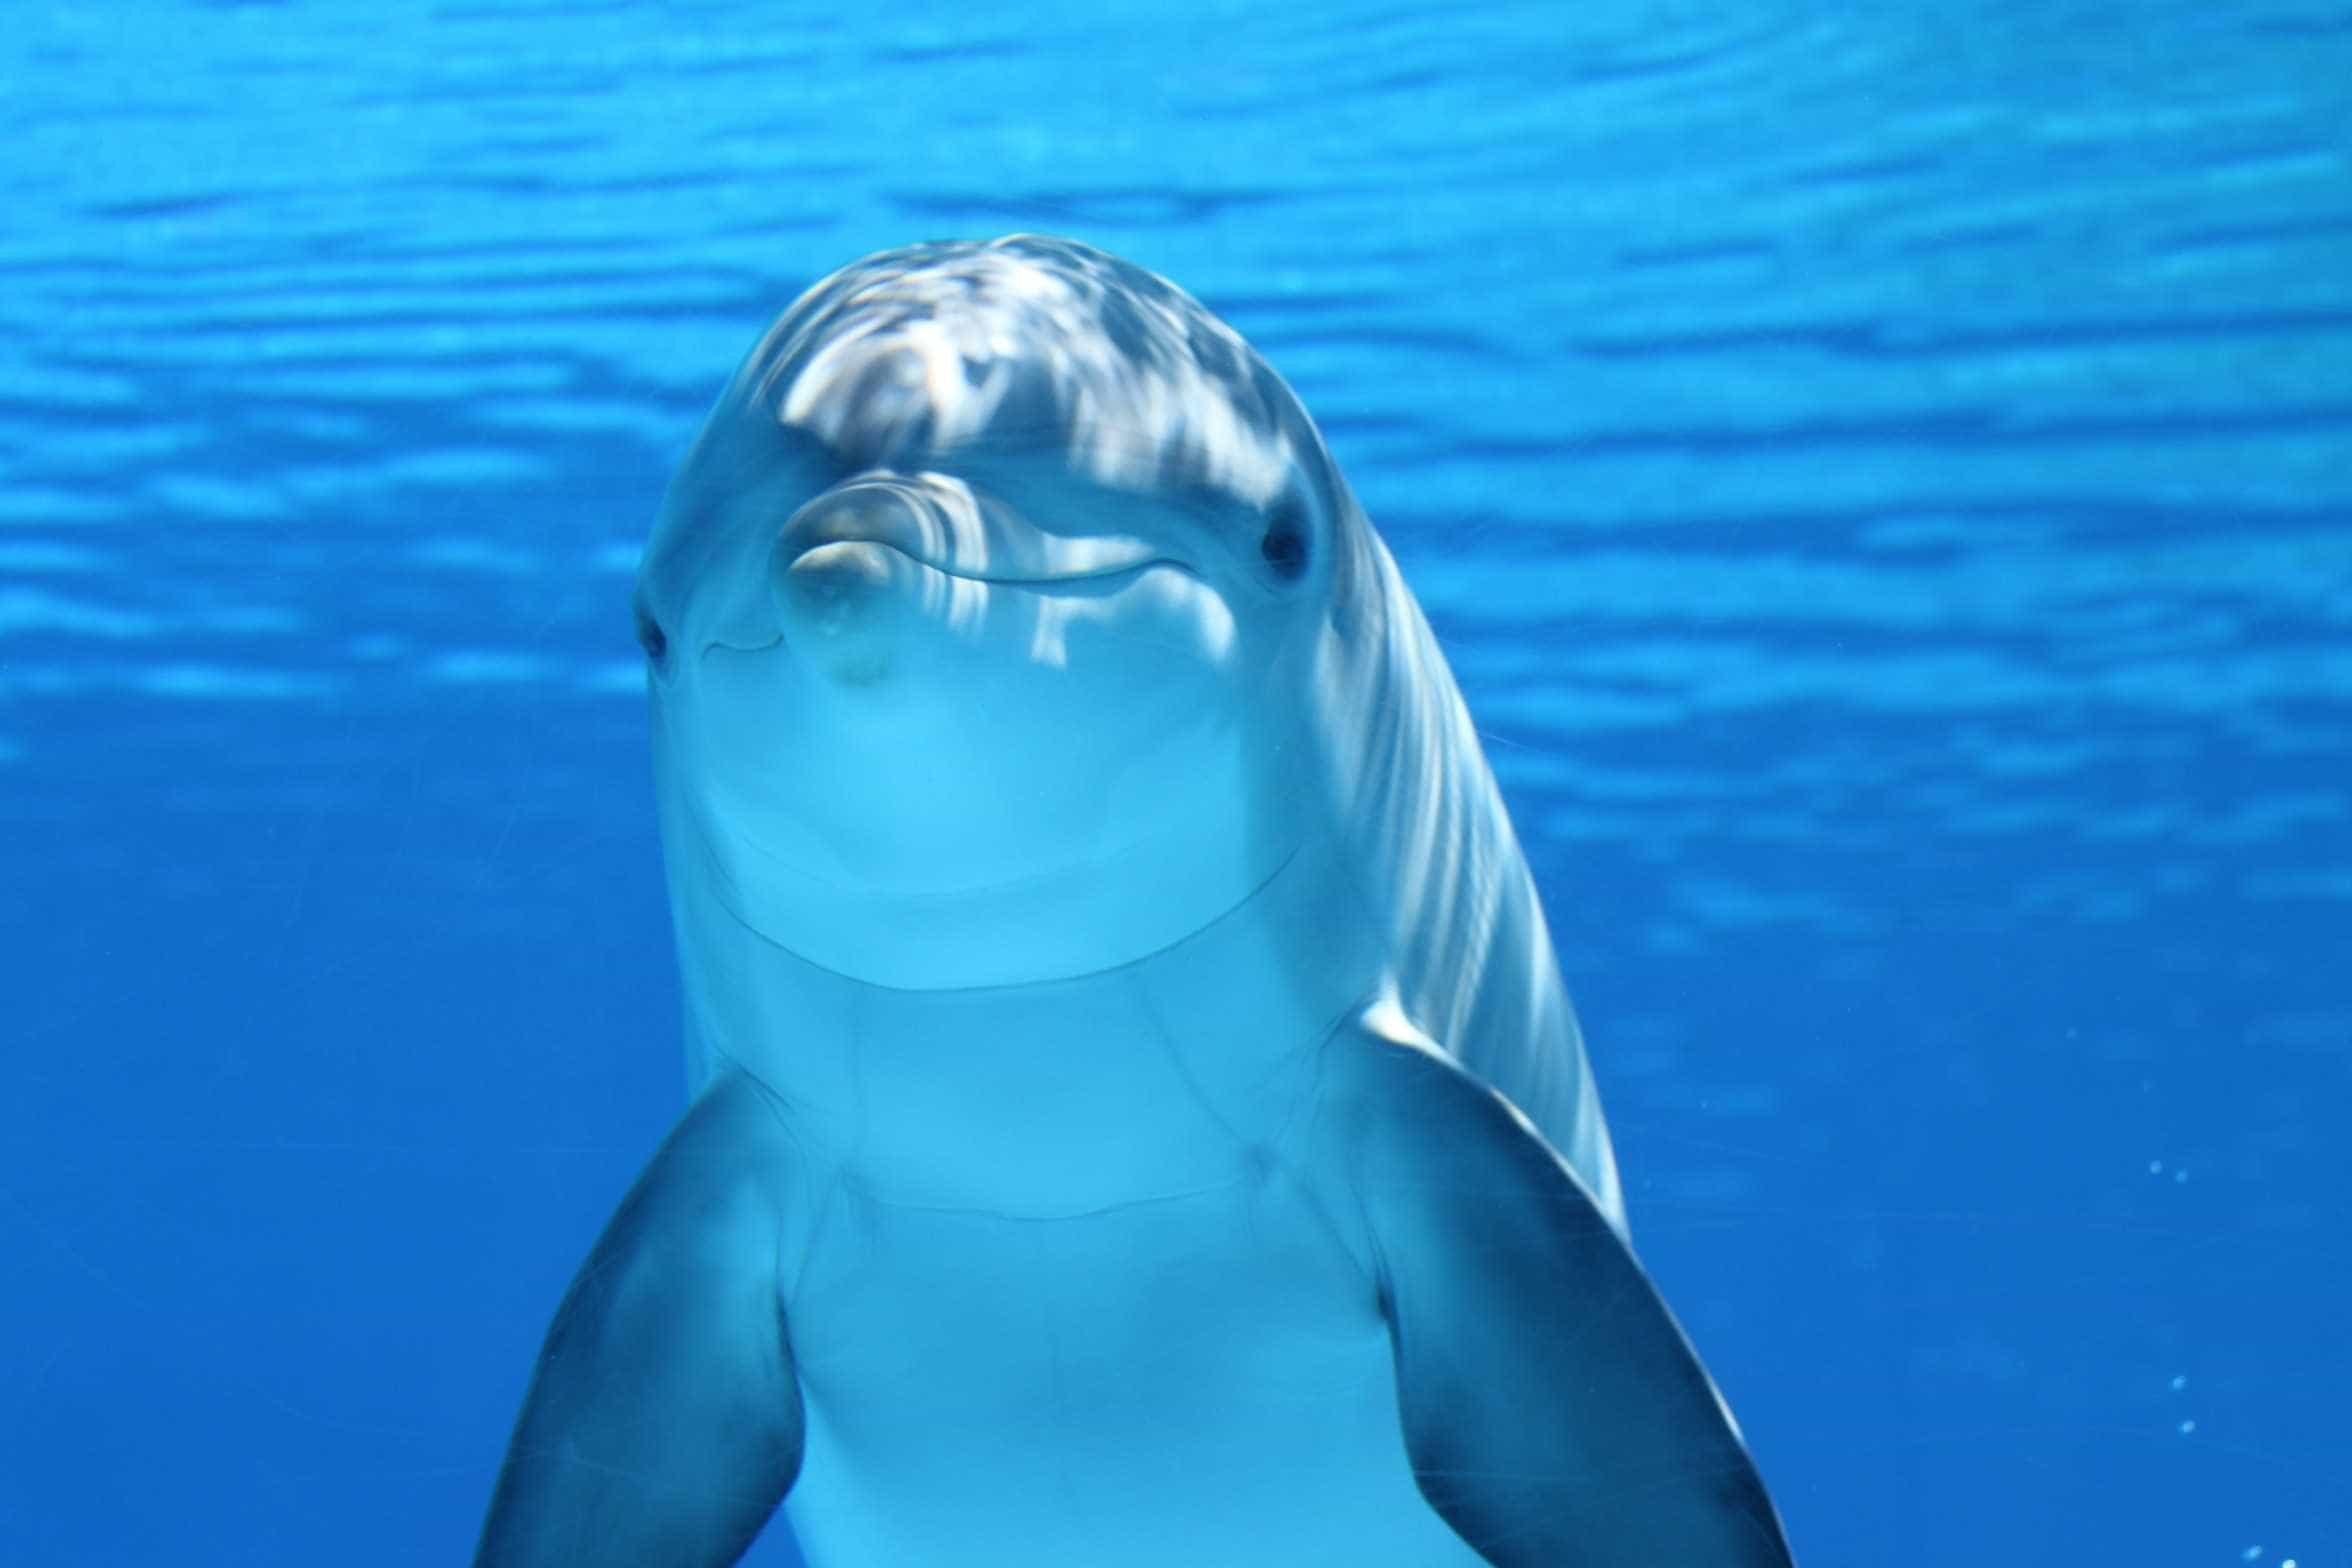 Golfinho encontrado morto em praia de Cascais